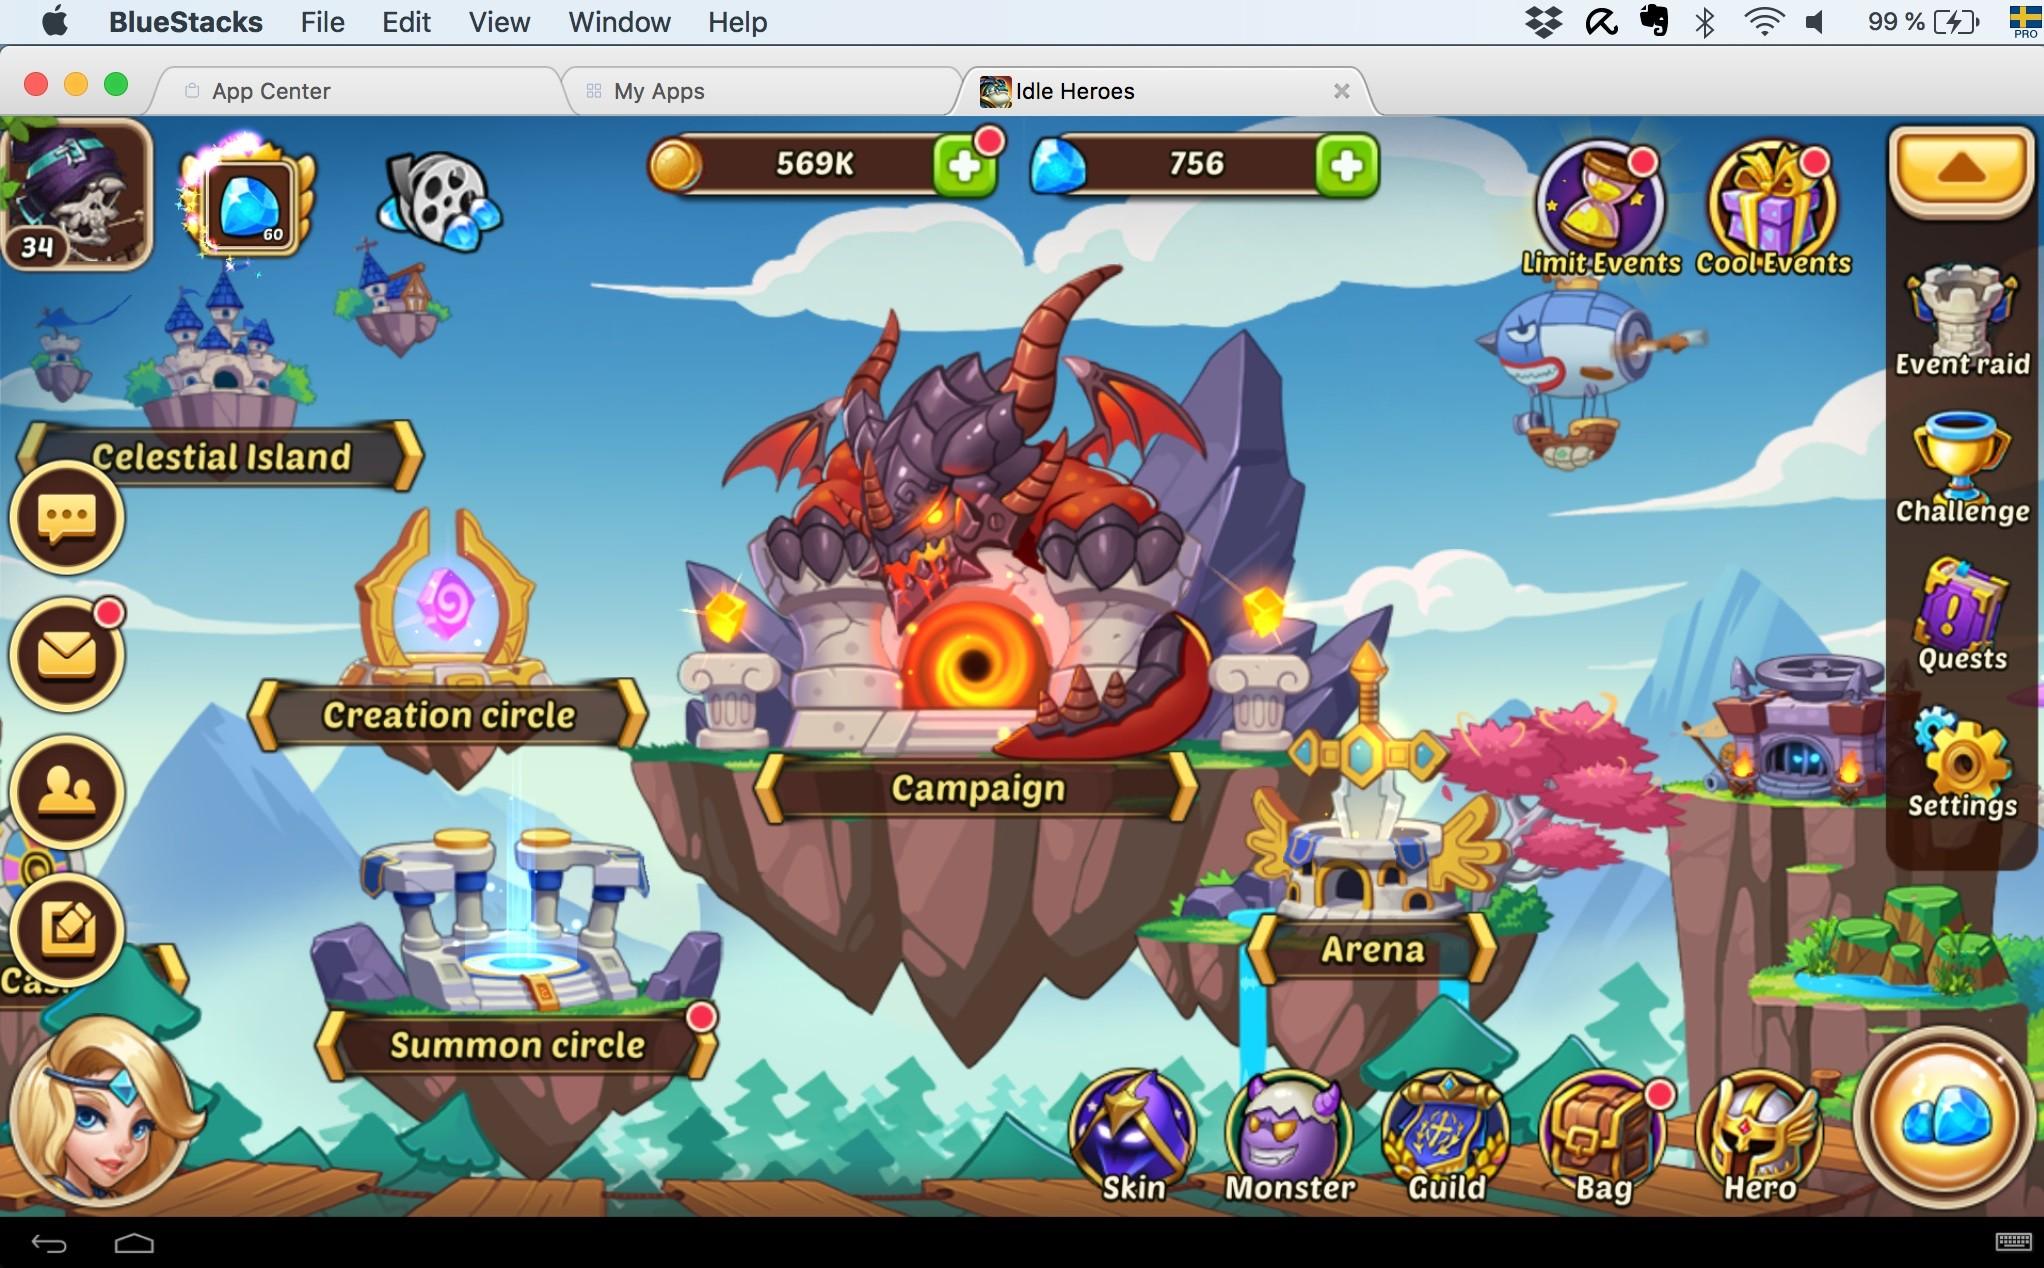 Idle Heroes MOD APK 1.26.0 (Unlimited Money & Unlocked Heroes)